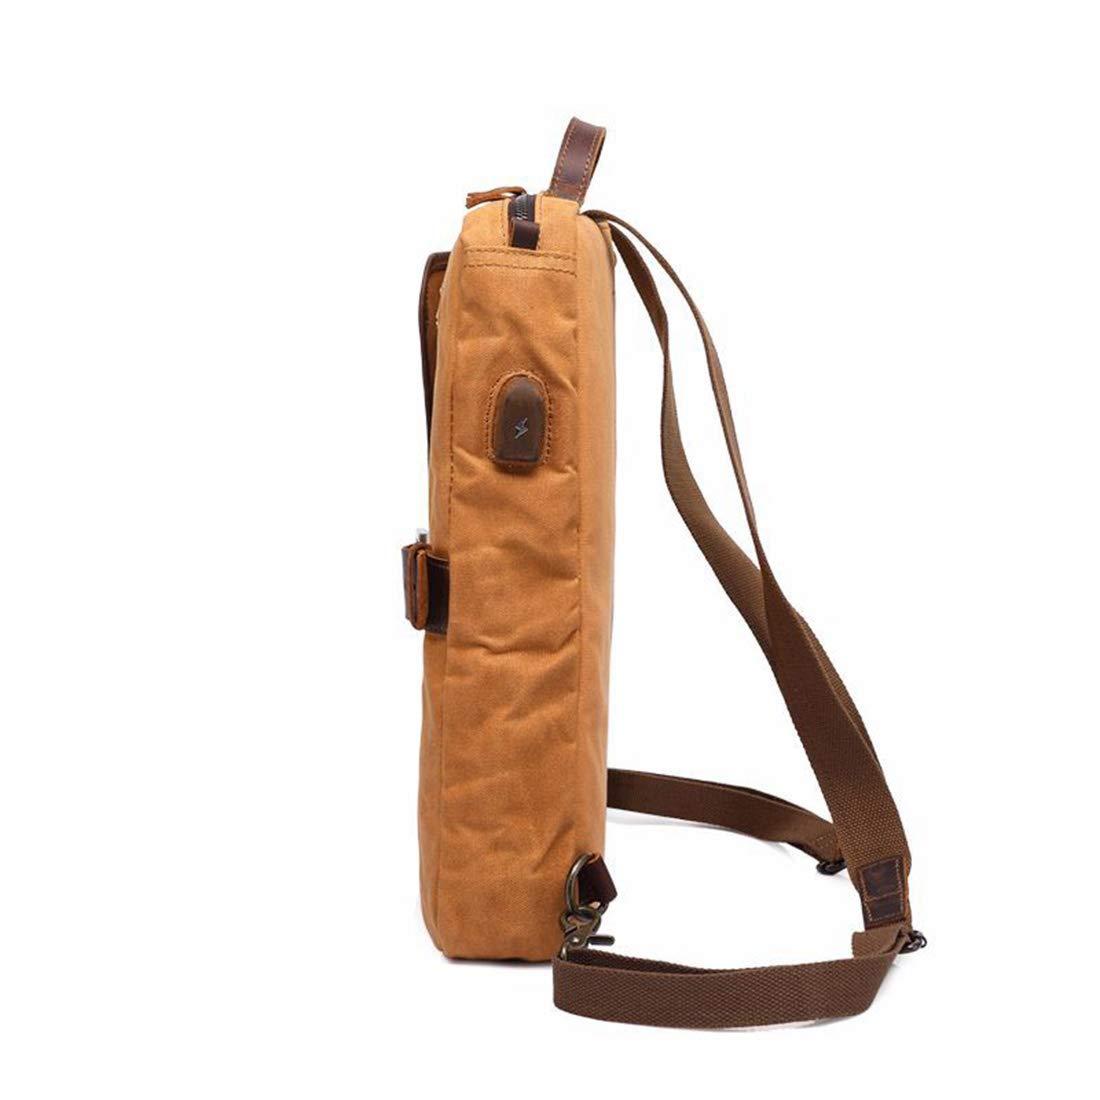 YUMUYMEY Männer Frauen Rucksack Daypack Vintage Vintage Vintage Wasserdichte Reißverschluss Canvas Aktentasche Student Outdoor Shopping (Farbe   ArmyGrün) B07NCBY59G Daypacks Moderner Modus 385067